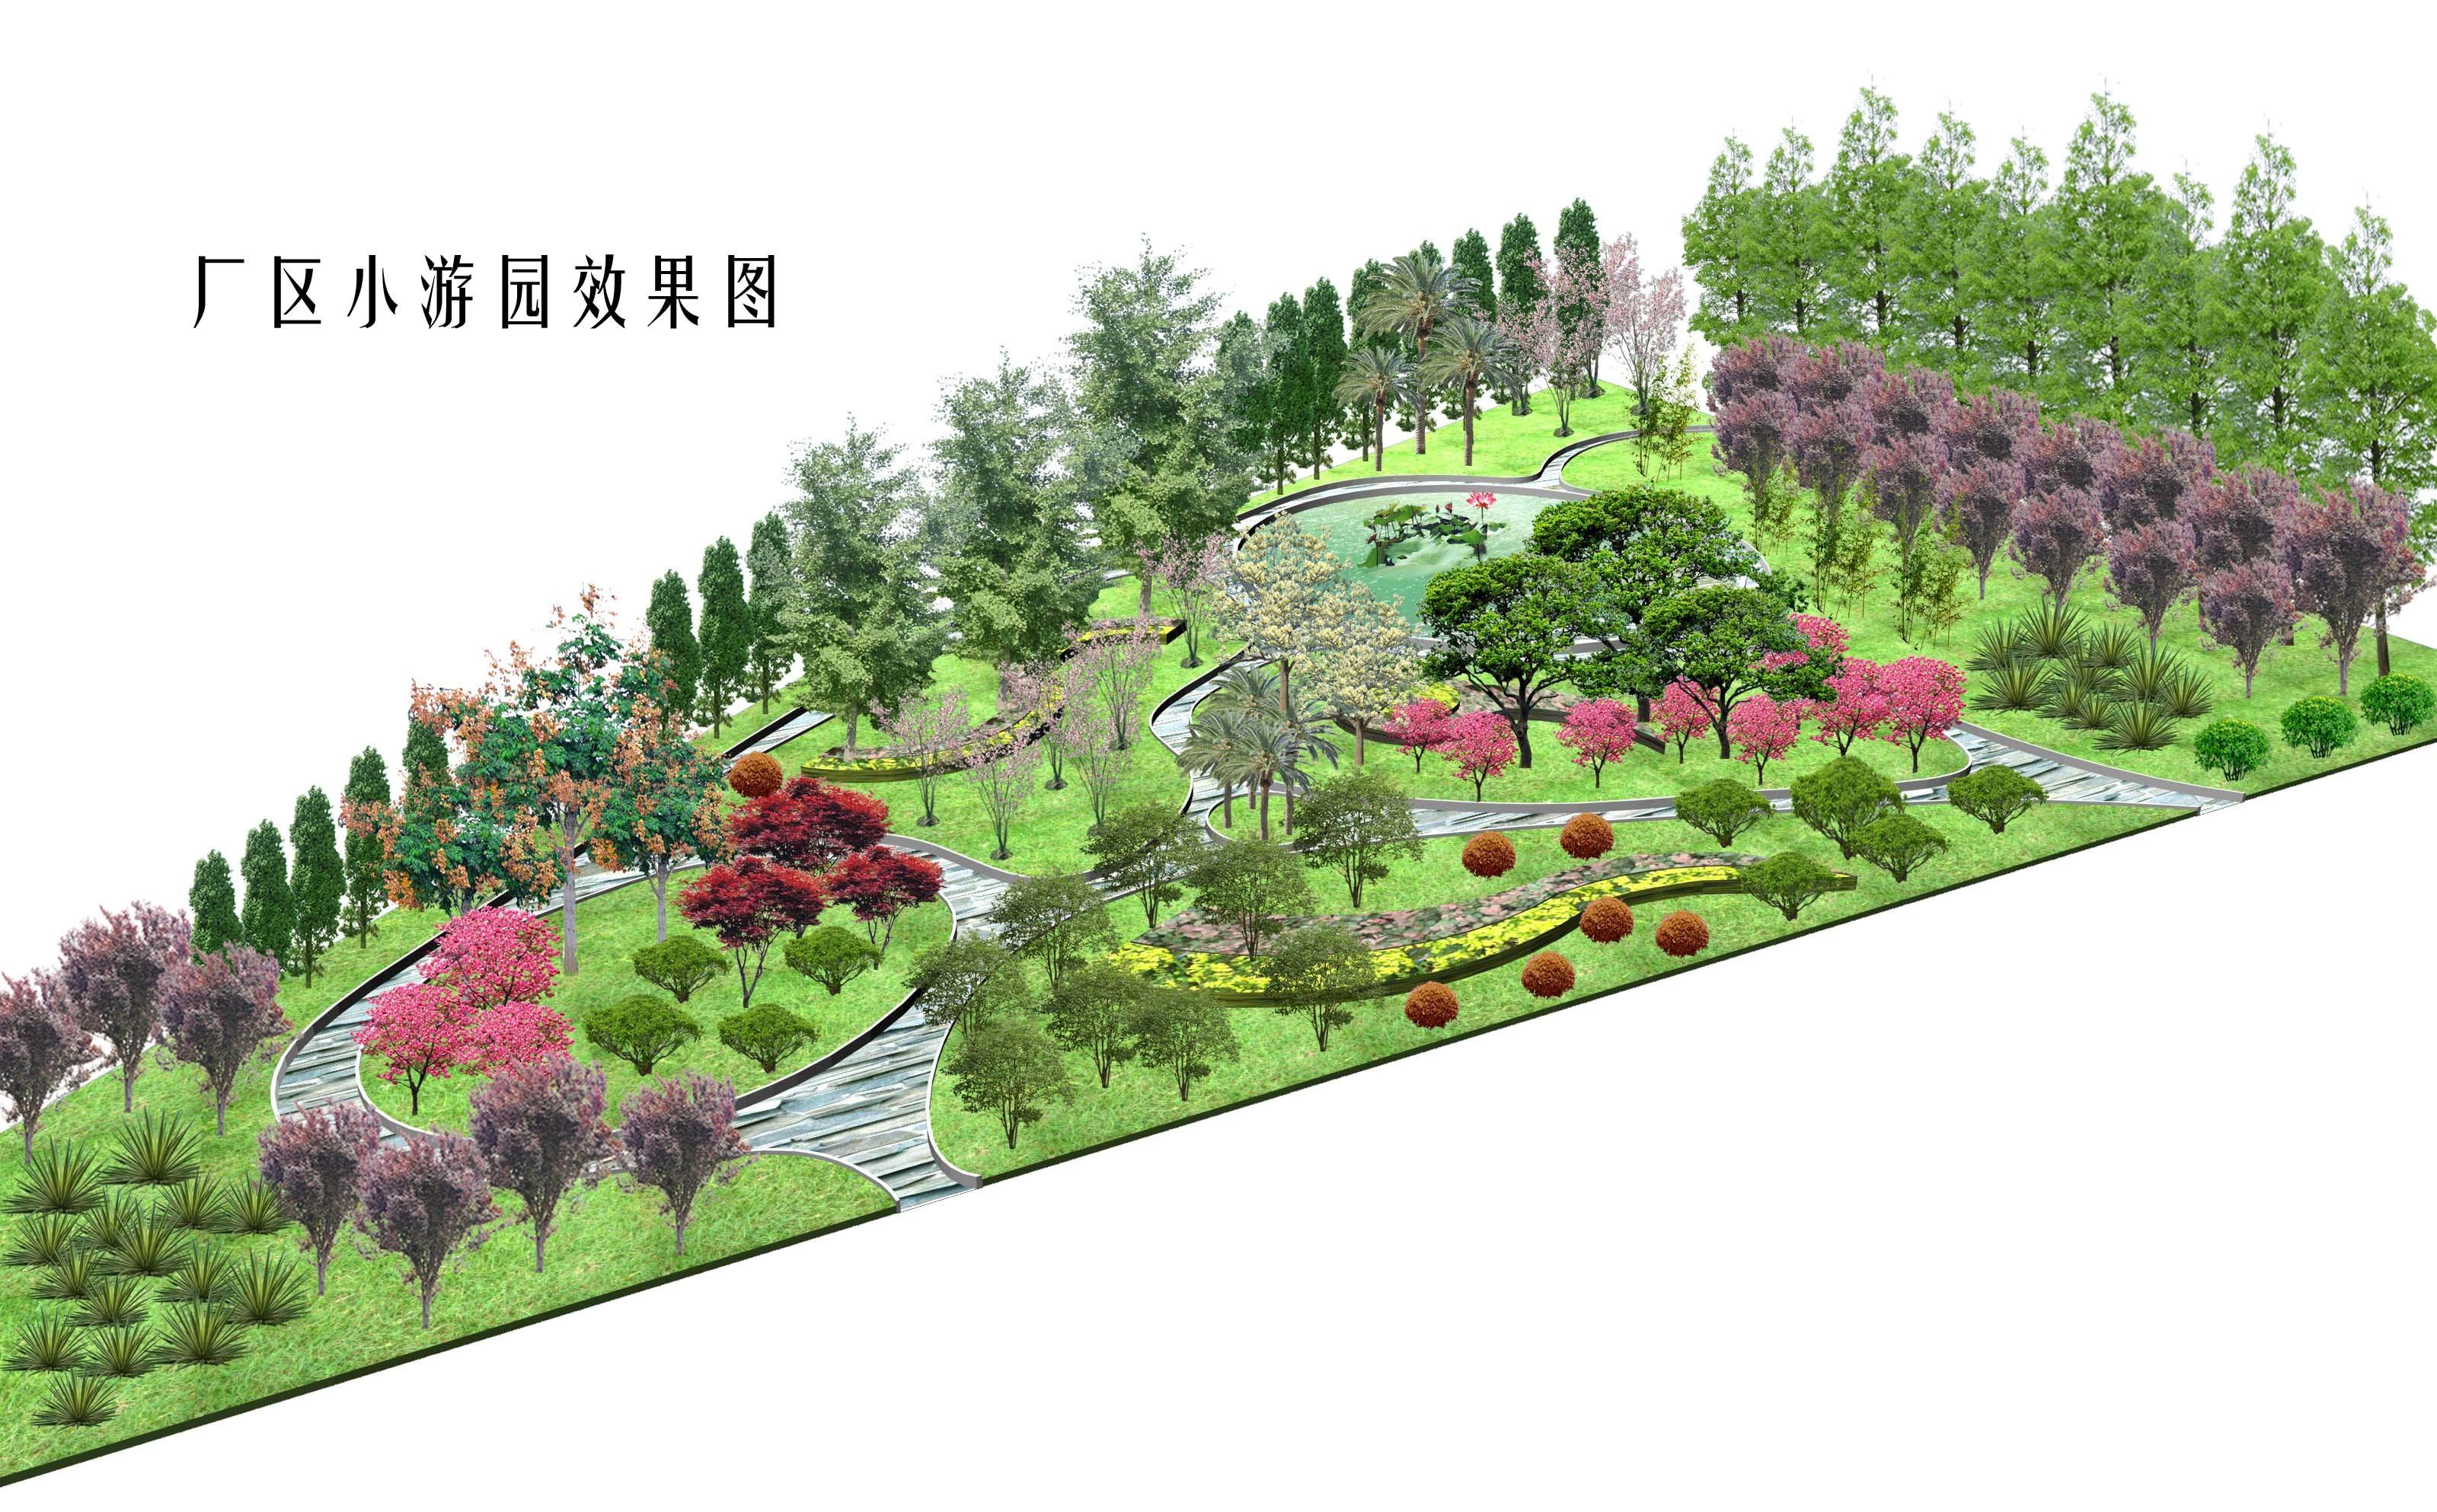 园林绿化及施工 办公楼及厂区绿化设计图 镇江某厂区绿化效果图  上传